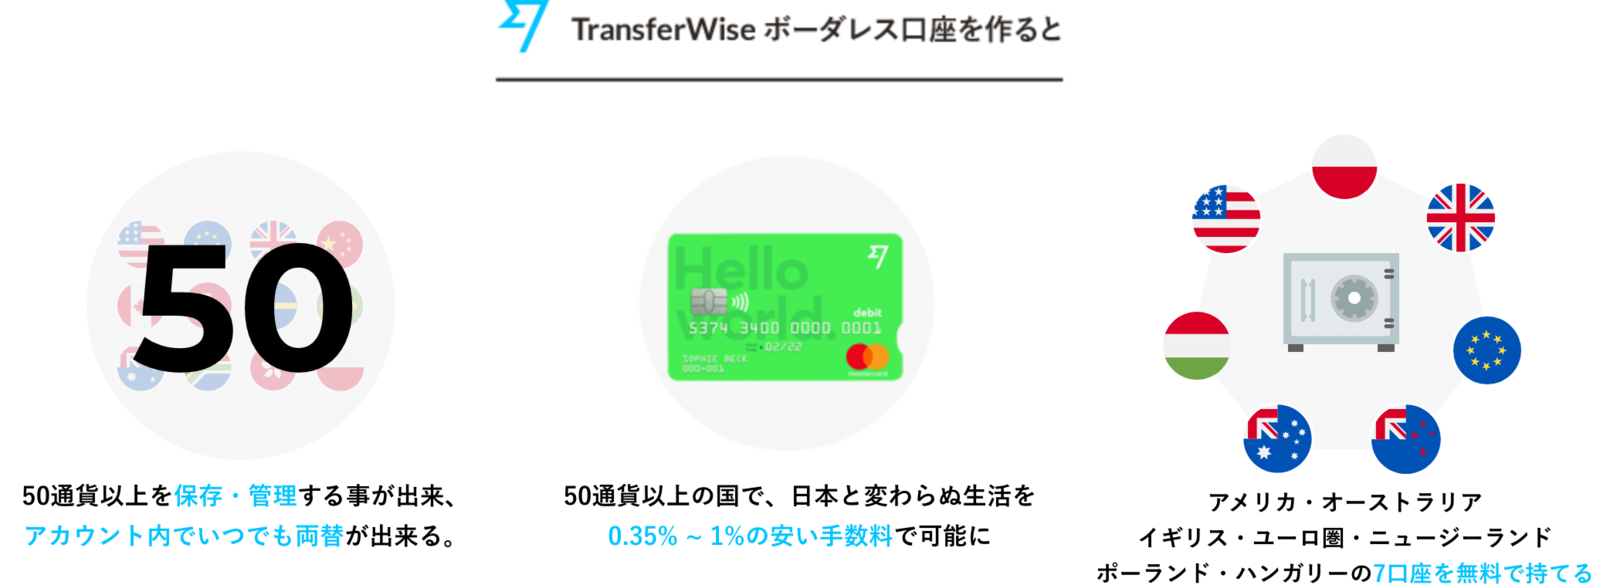 マルチカレンシー口座を作ると、3つの物が手に入ります。1 : 50以上の通貨を保存・管理出来、アカウント内でいつでも両替できる。 2 : 50通貨以上の国で、日本と変わらぬ生活を0.35% ~ 1%の安い手数料で可能に。 3 : アメリカ・オーストラリア・イギリス・ユーロ圏・ポーランド・ニュージーランド・ハンガリーの7口座を無料で持てる